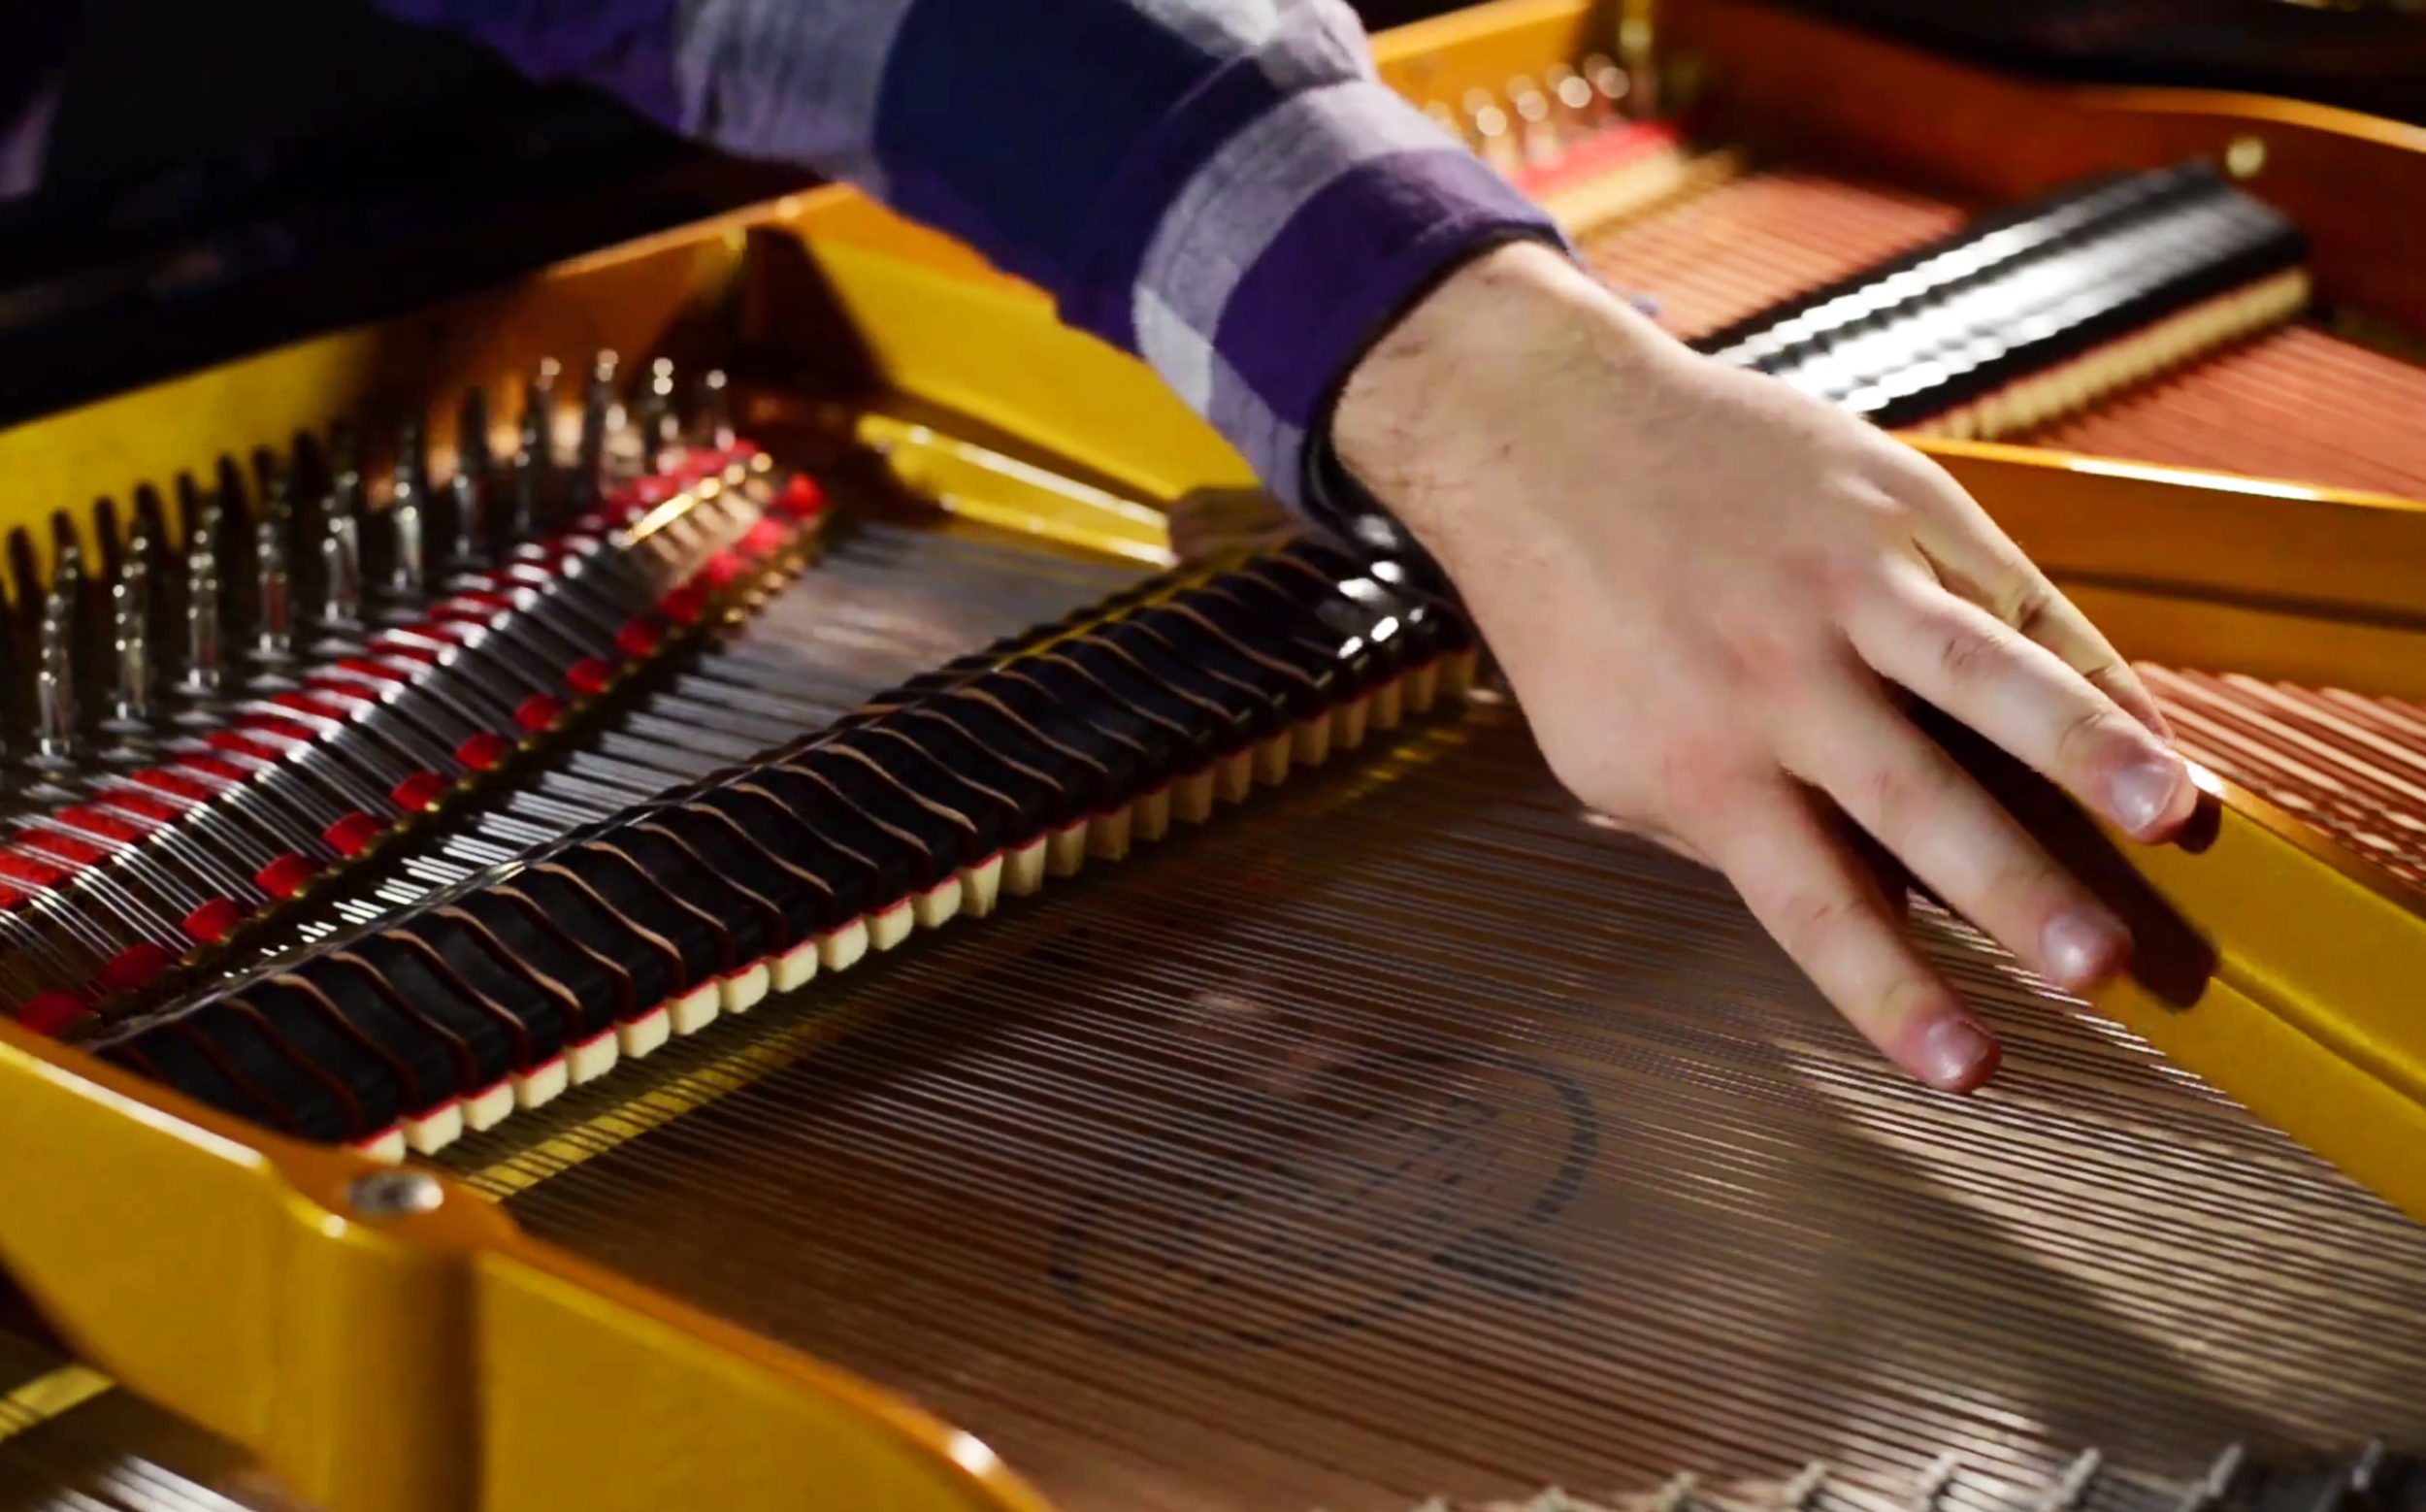 Piano harmonics at exact center of string